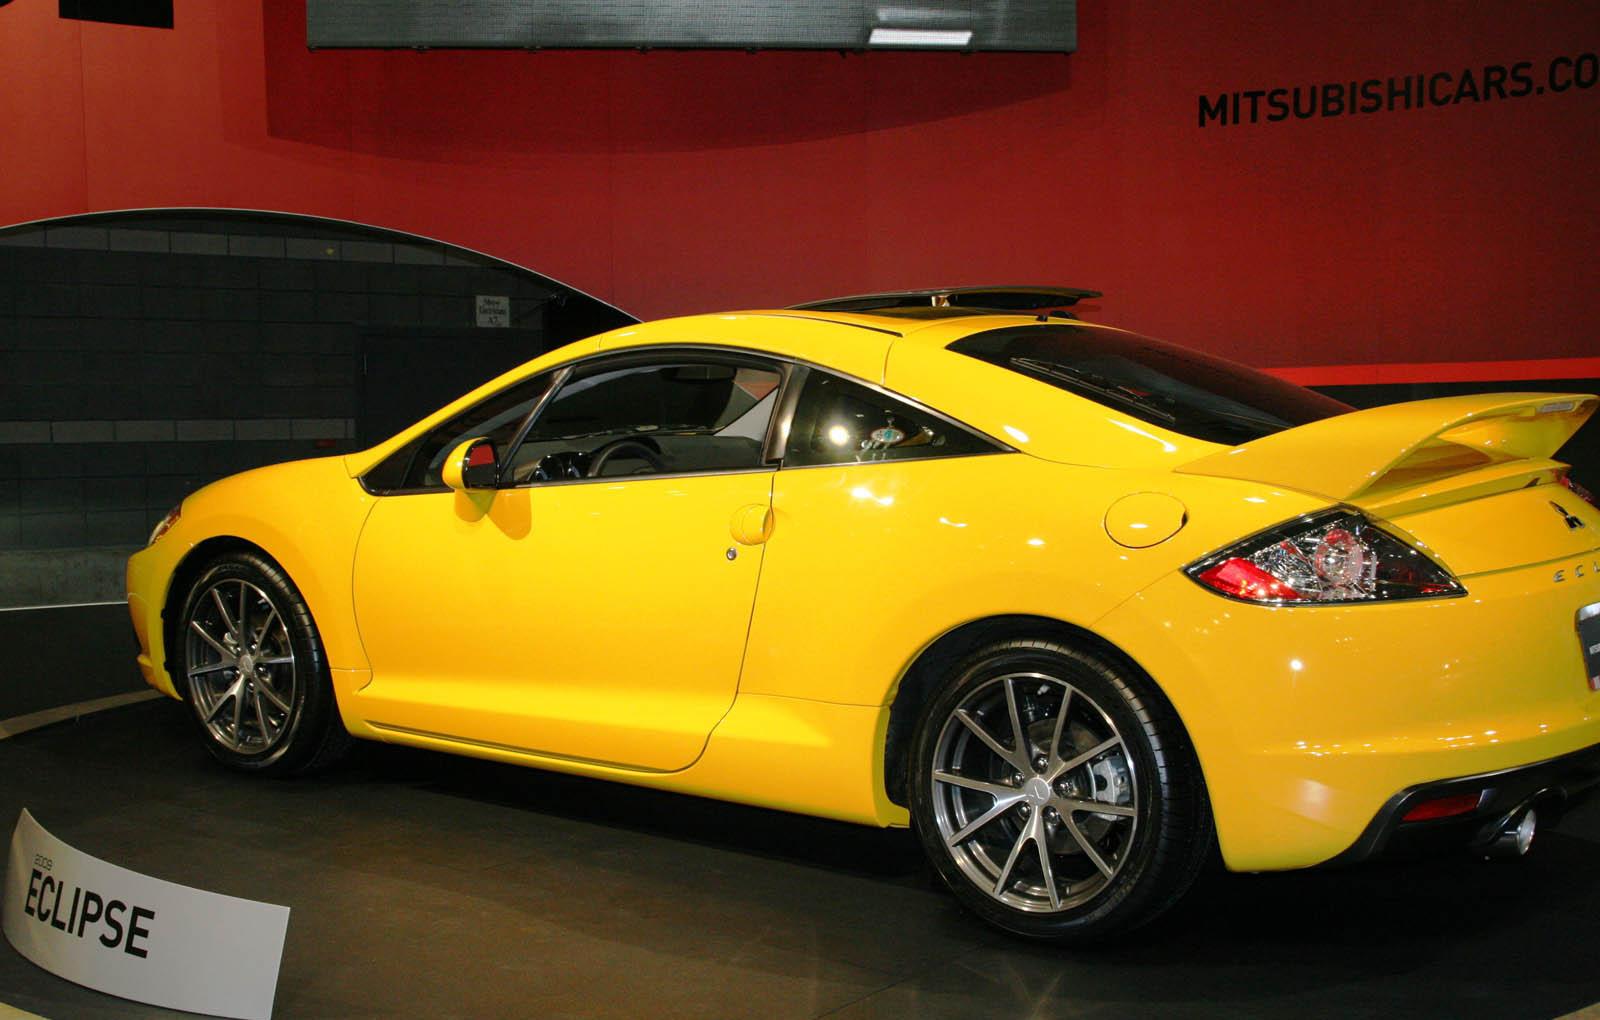 http://1.bp.blogspot.com/-CwmGu9cOA9I/TbSKa_fqDNI/AAAAAAAAAns/IMi0Rhr1_iA/s1600/Mitsubishi-Eclipse-yellow-exterior.jpg